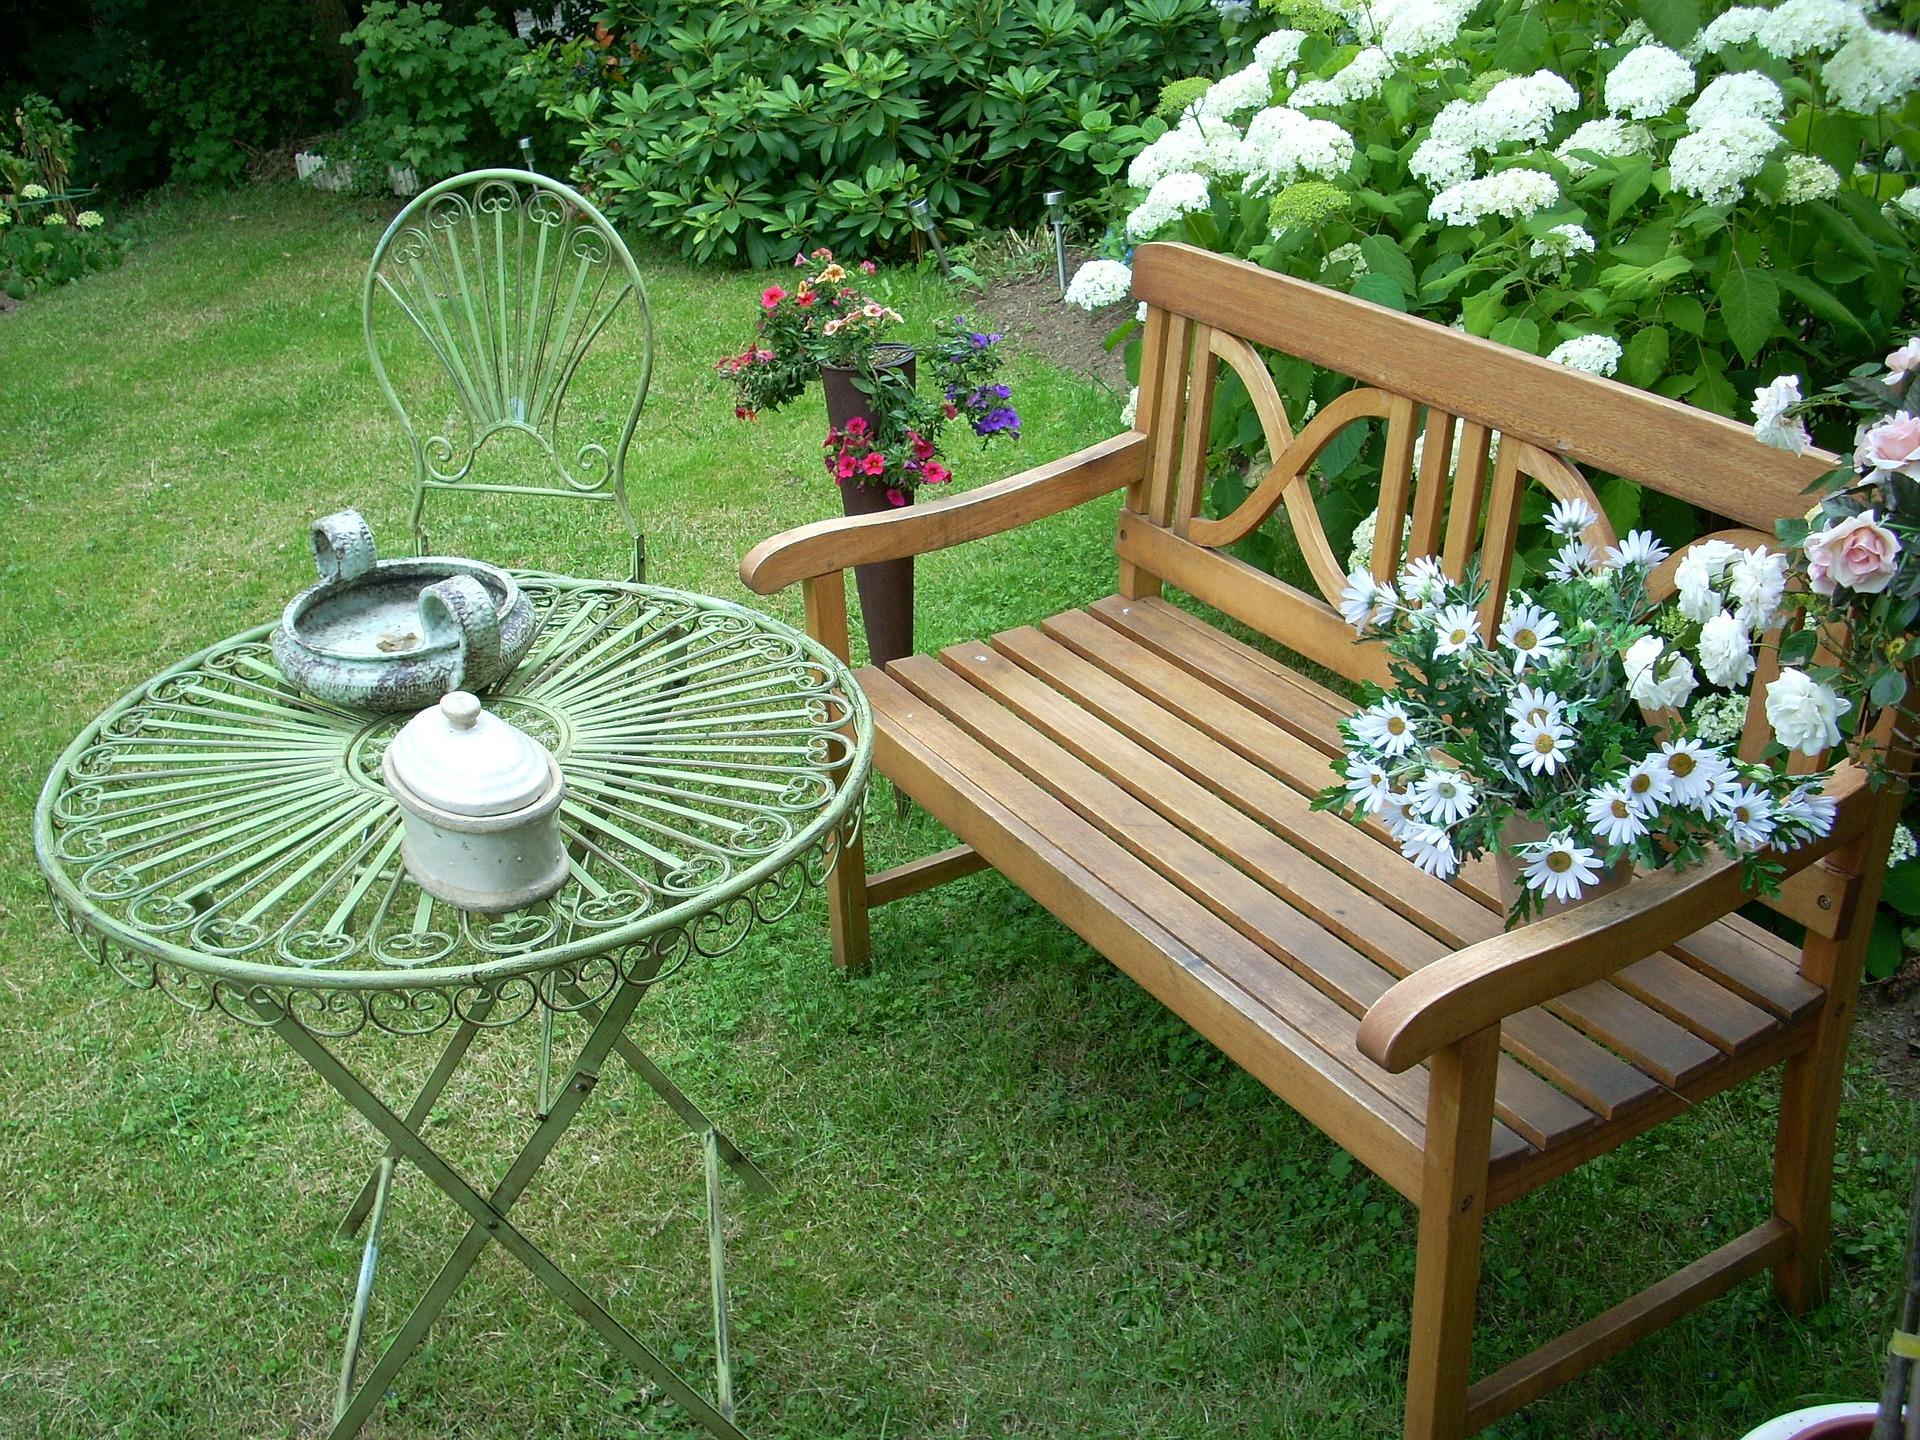 Holzbank Mit Tisch In Der Mitte Kinder Picknick Garten Tisch Mit